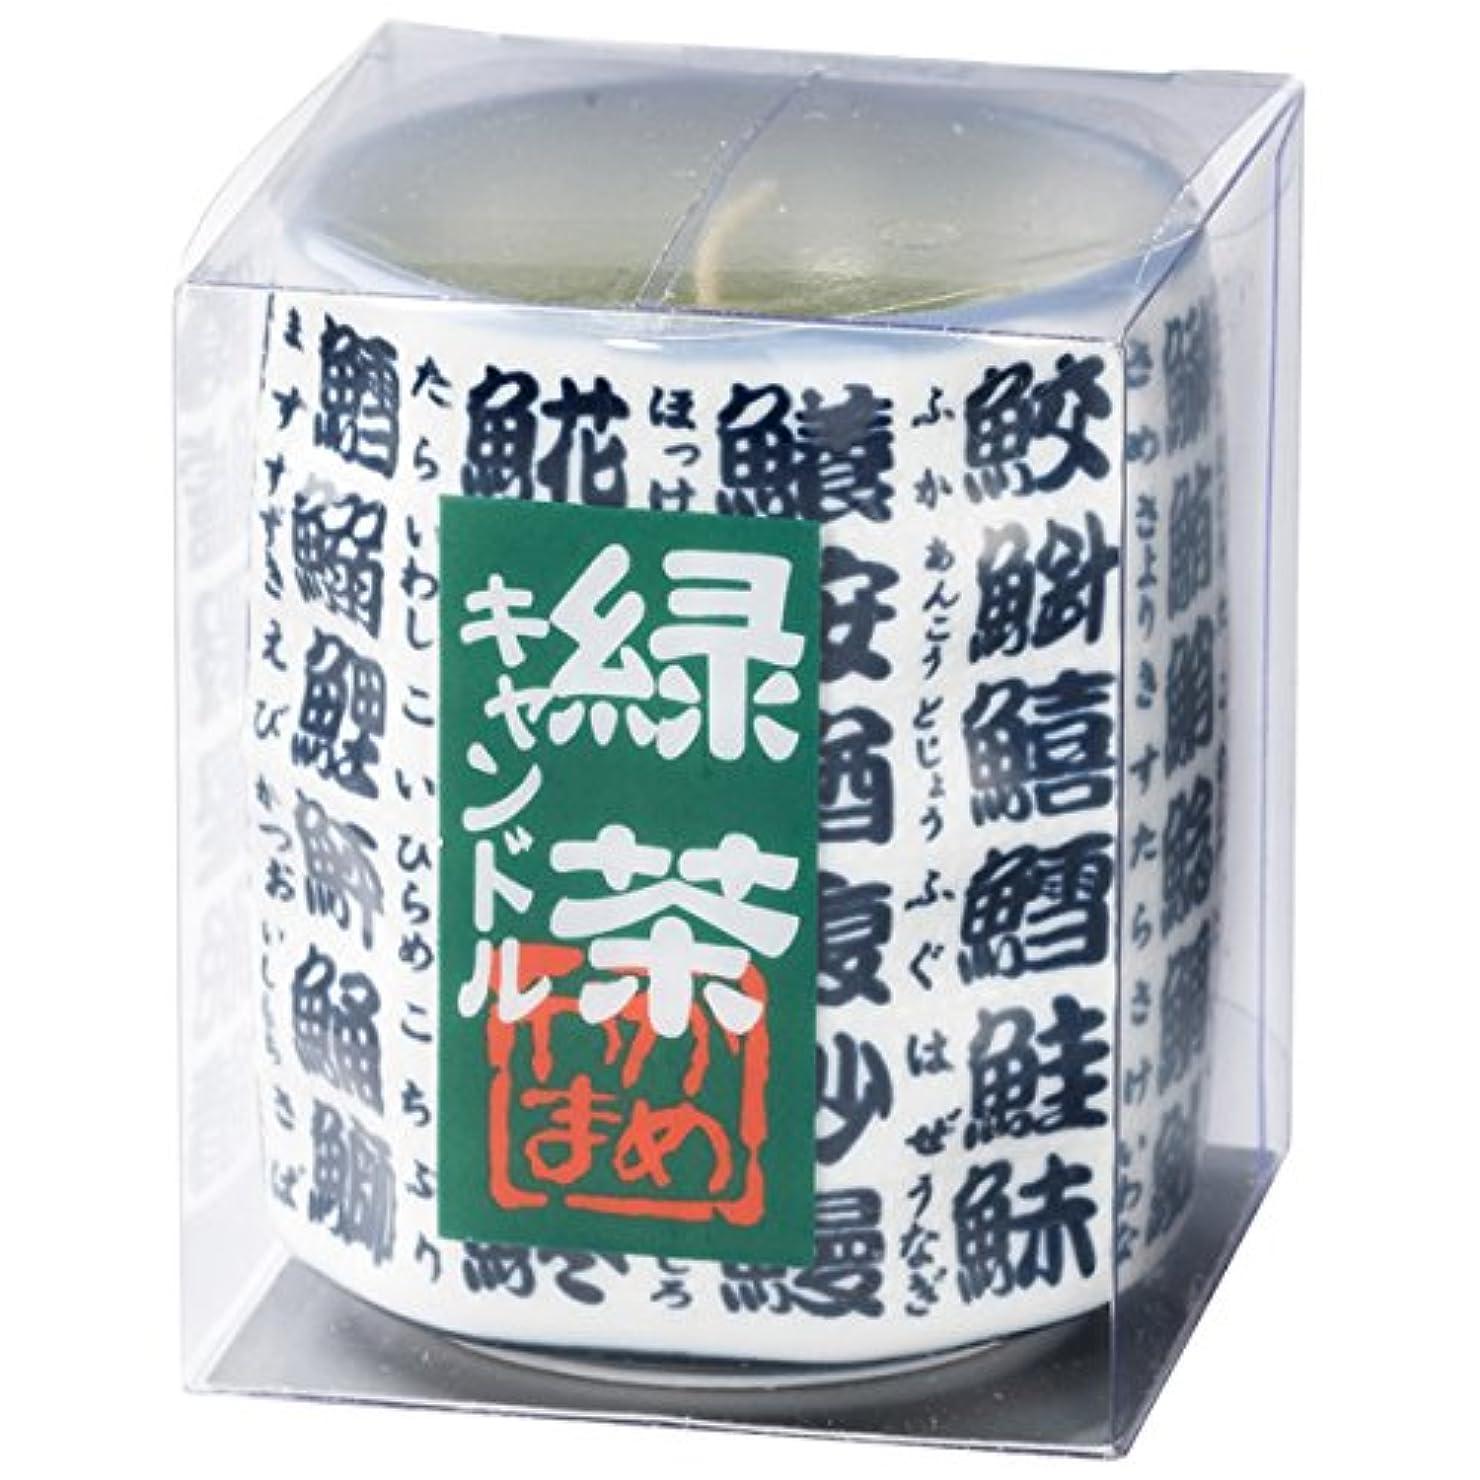 防止判決ギャラリー緑茶キャンドル